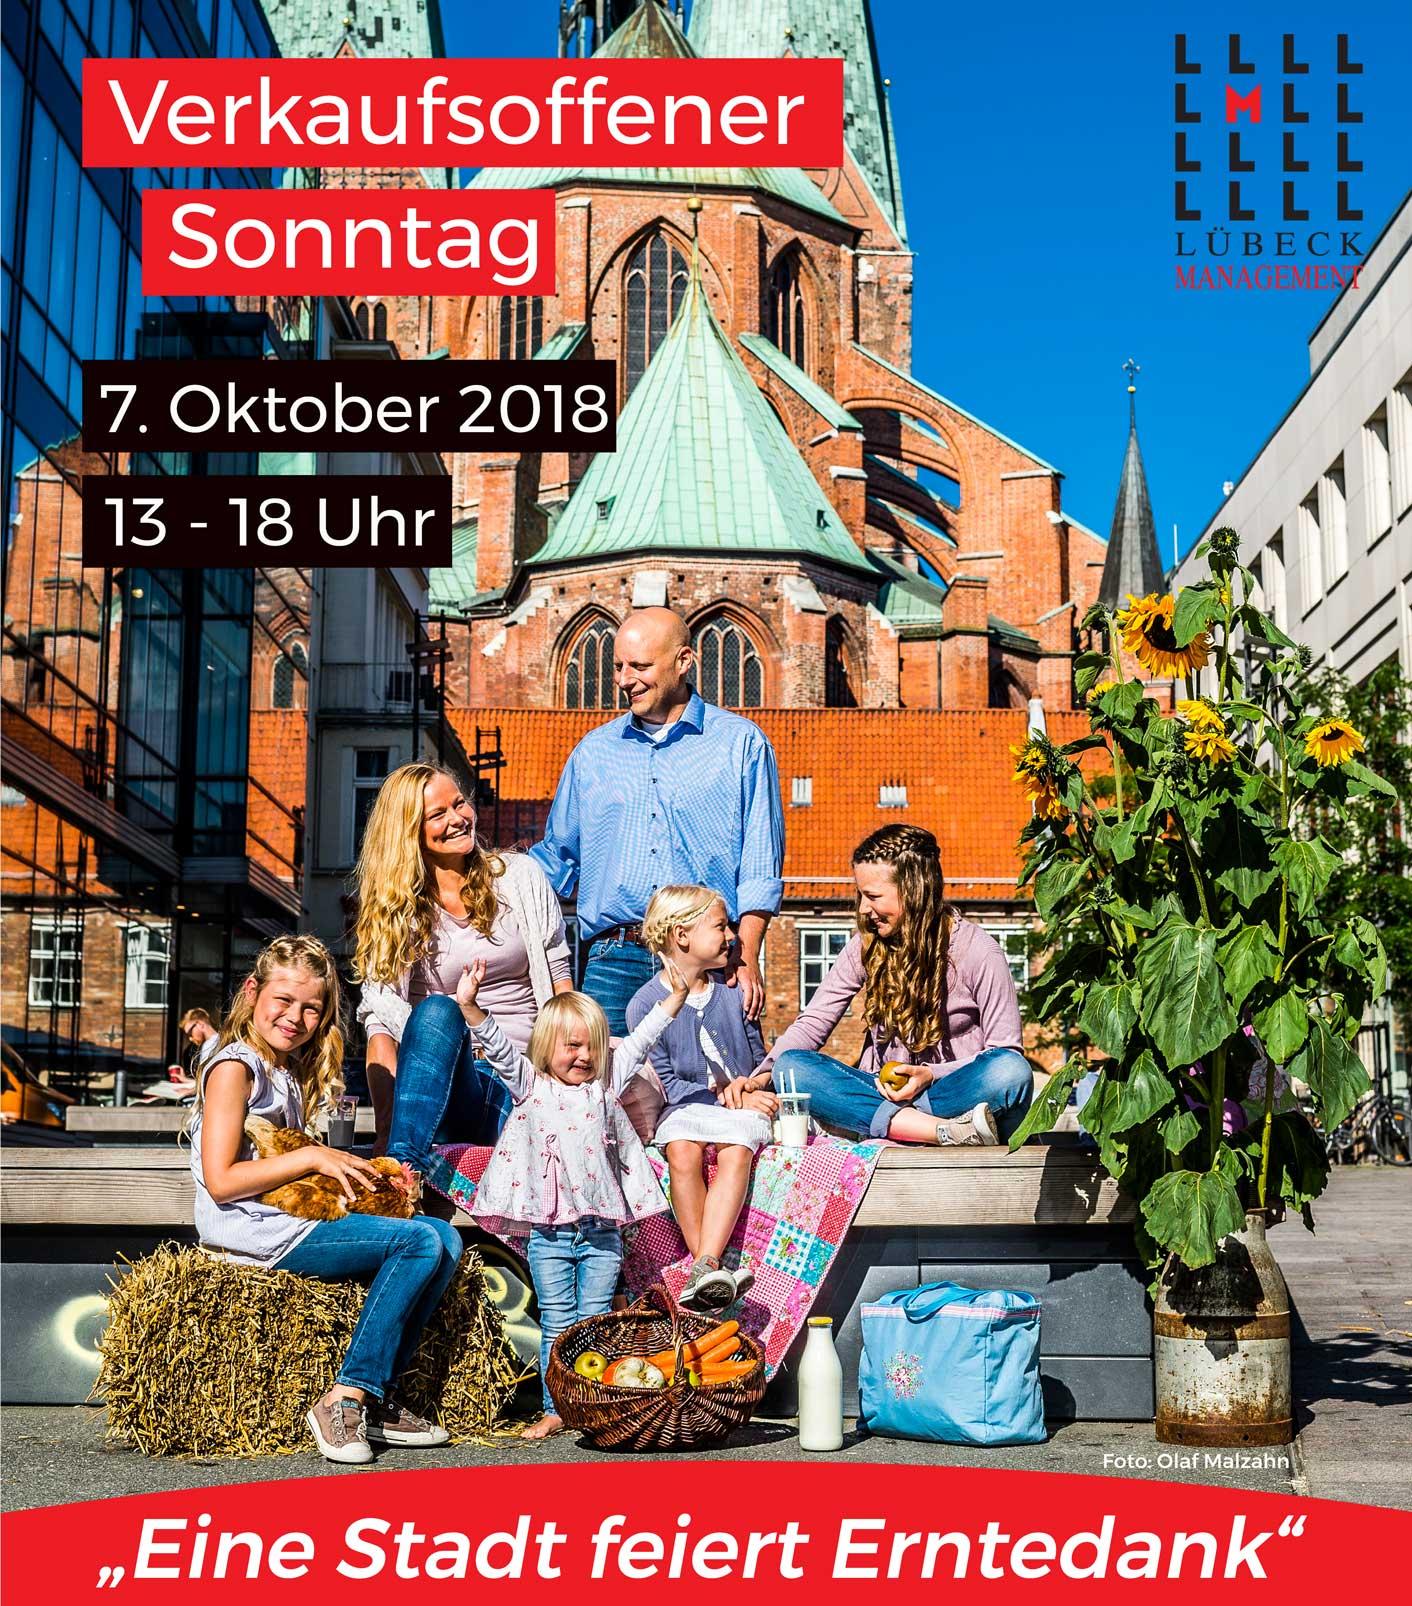 Verkaufsoffener Sonntag Lübeck Verkaufsoffener Sonntag In Hannover